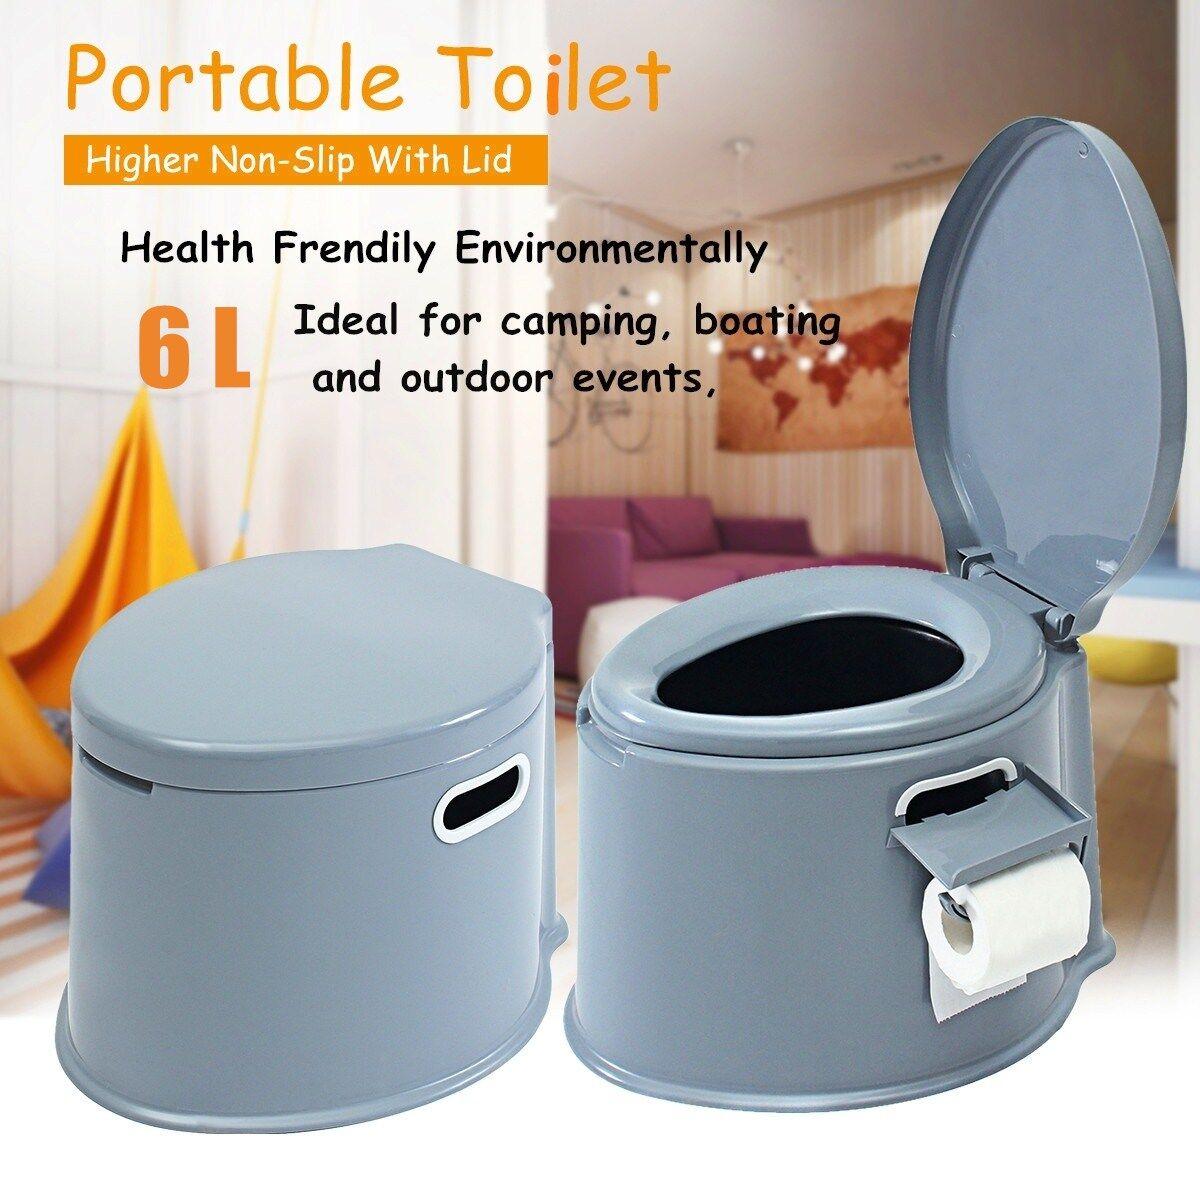 AliExpress Pot de toilette Portable pour personnes âgées, chasse d'eau, pour voyage, Camping, randonnée, aide